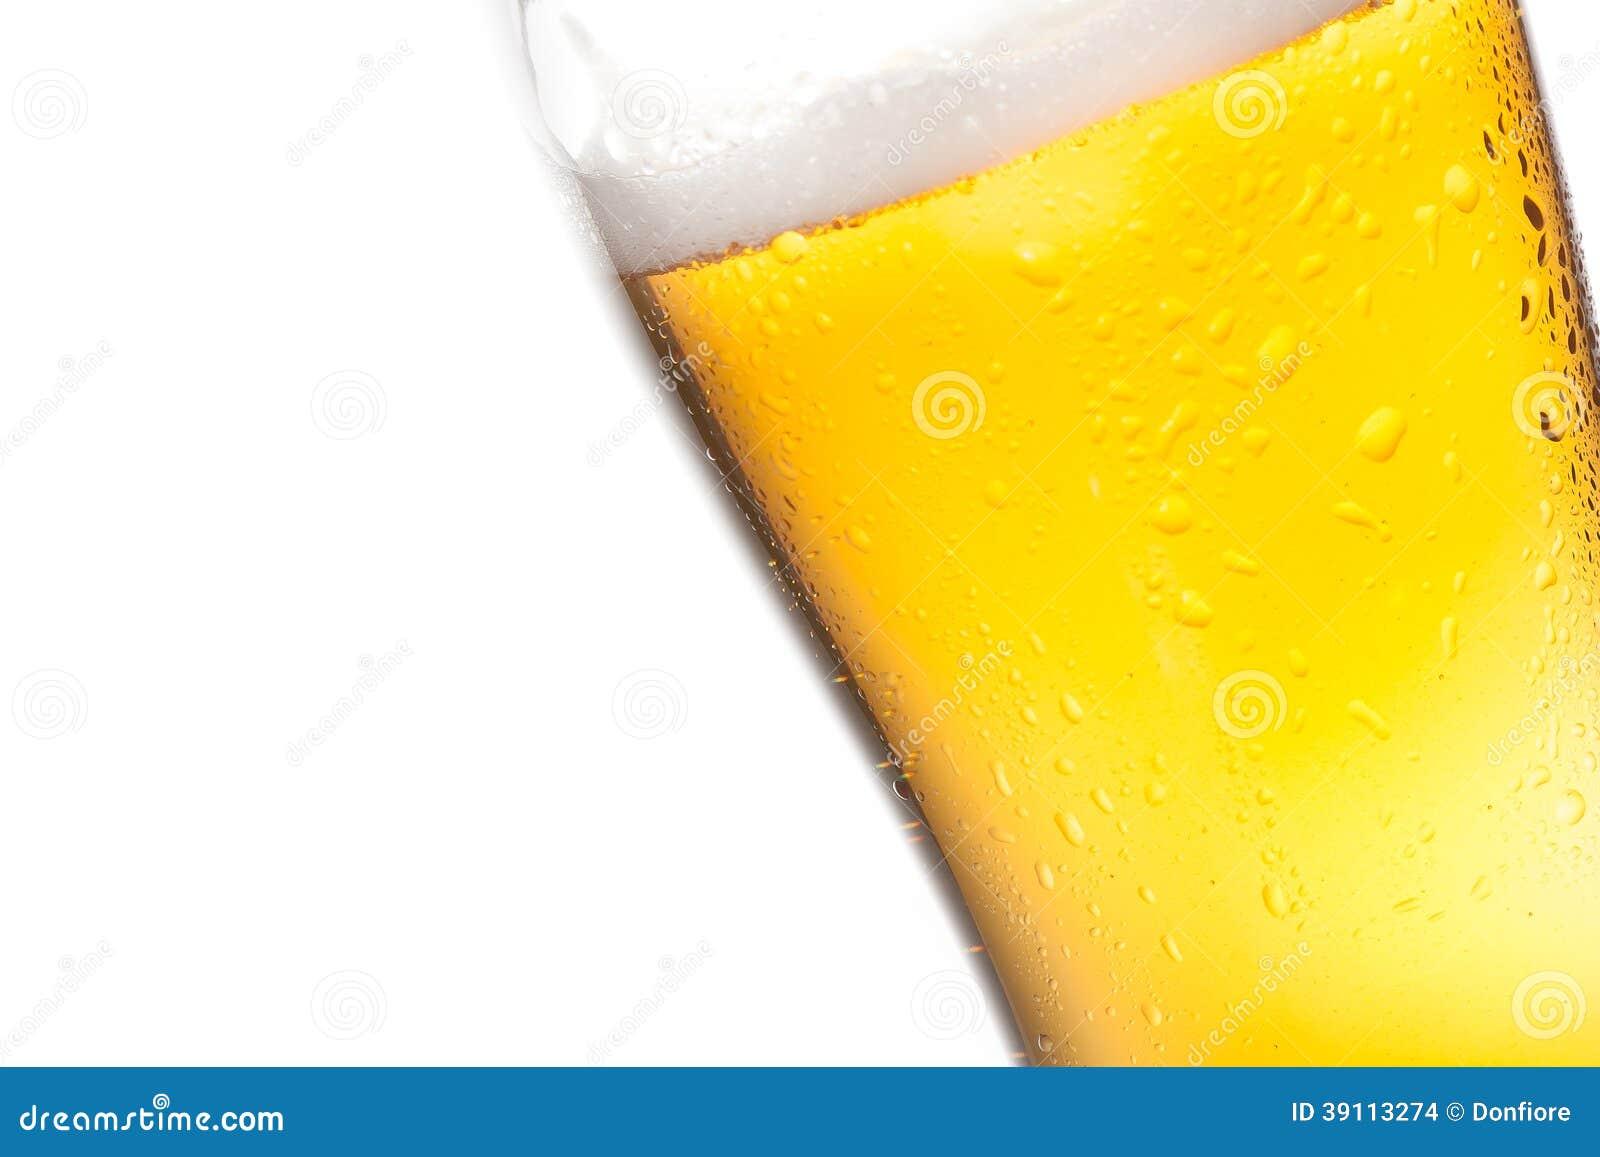 Overgeheld glas bier en dalingen op witte achtergrond